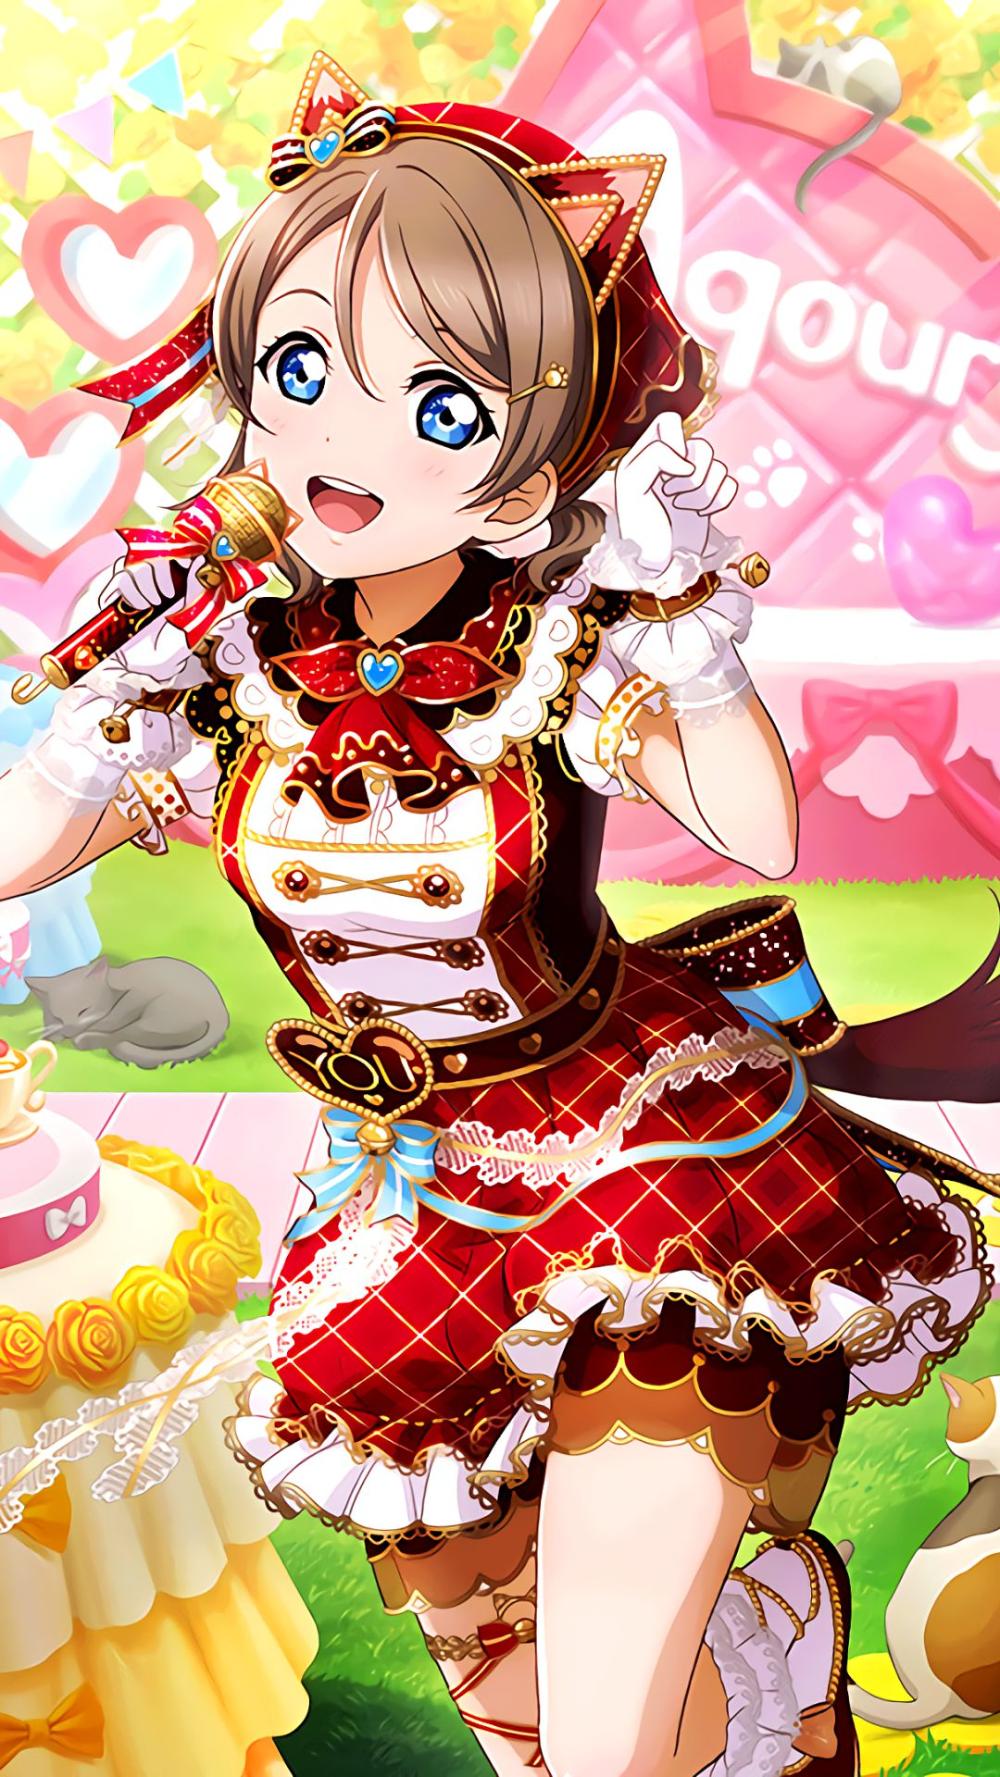 渡辺曜iphone壁紙 Androidスマホ用画像 You Watanabe Love Live